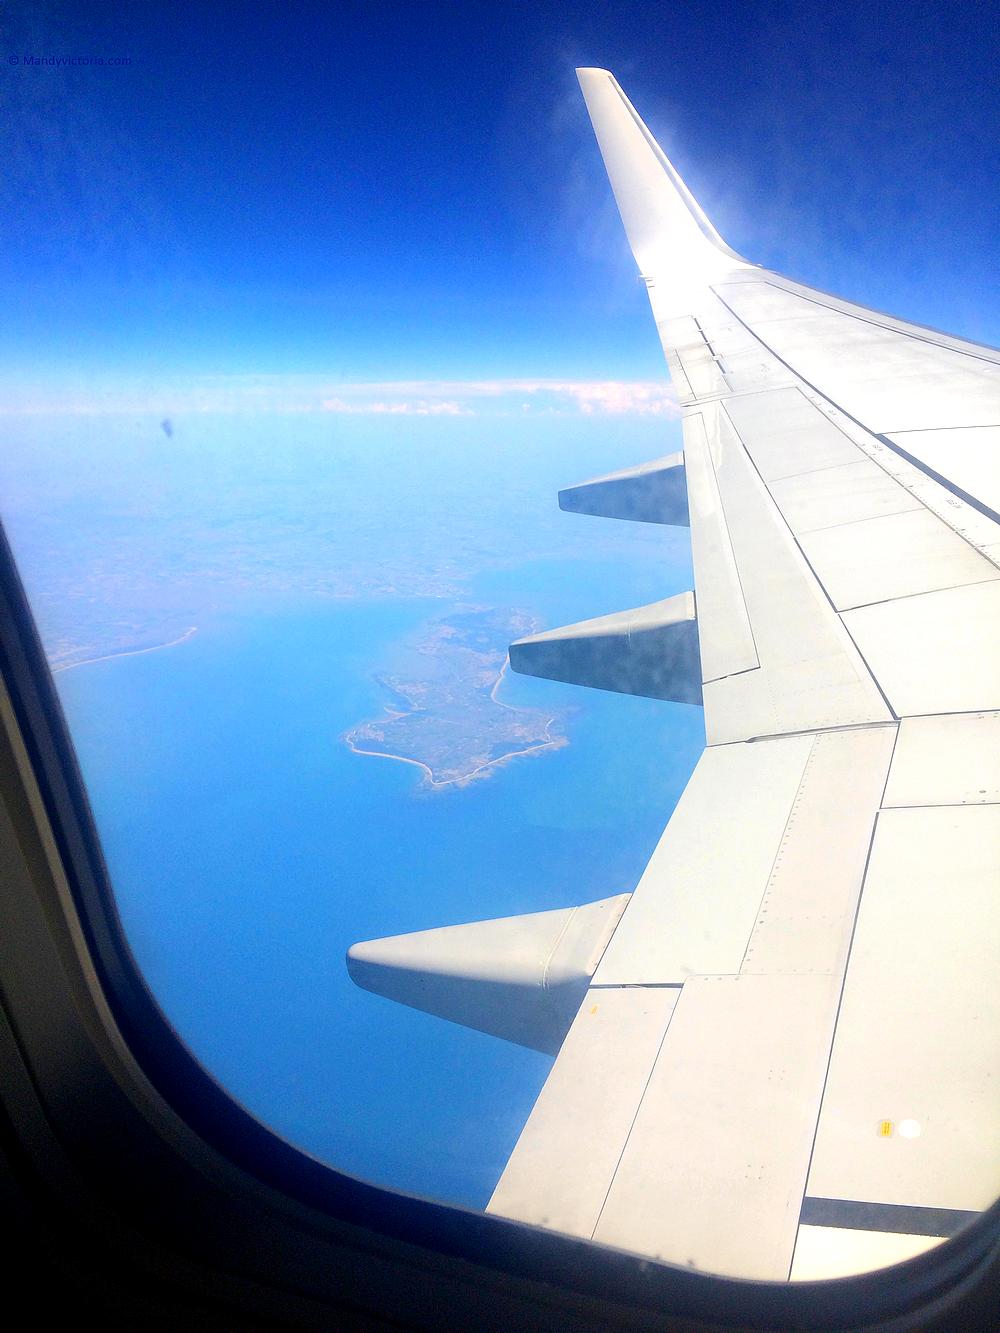 1 Plane cote d'azur spain france copyright mandyvictoria